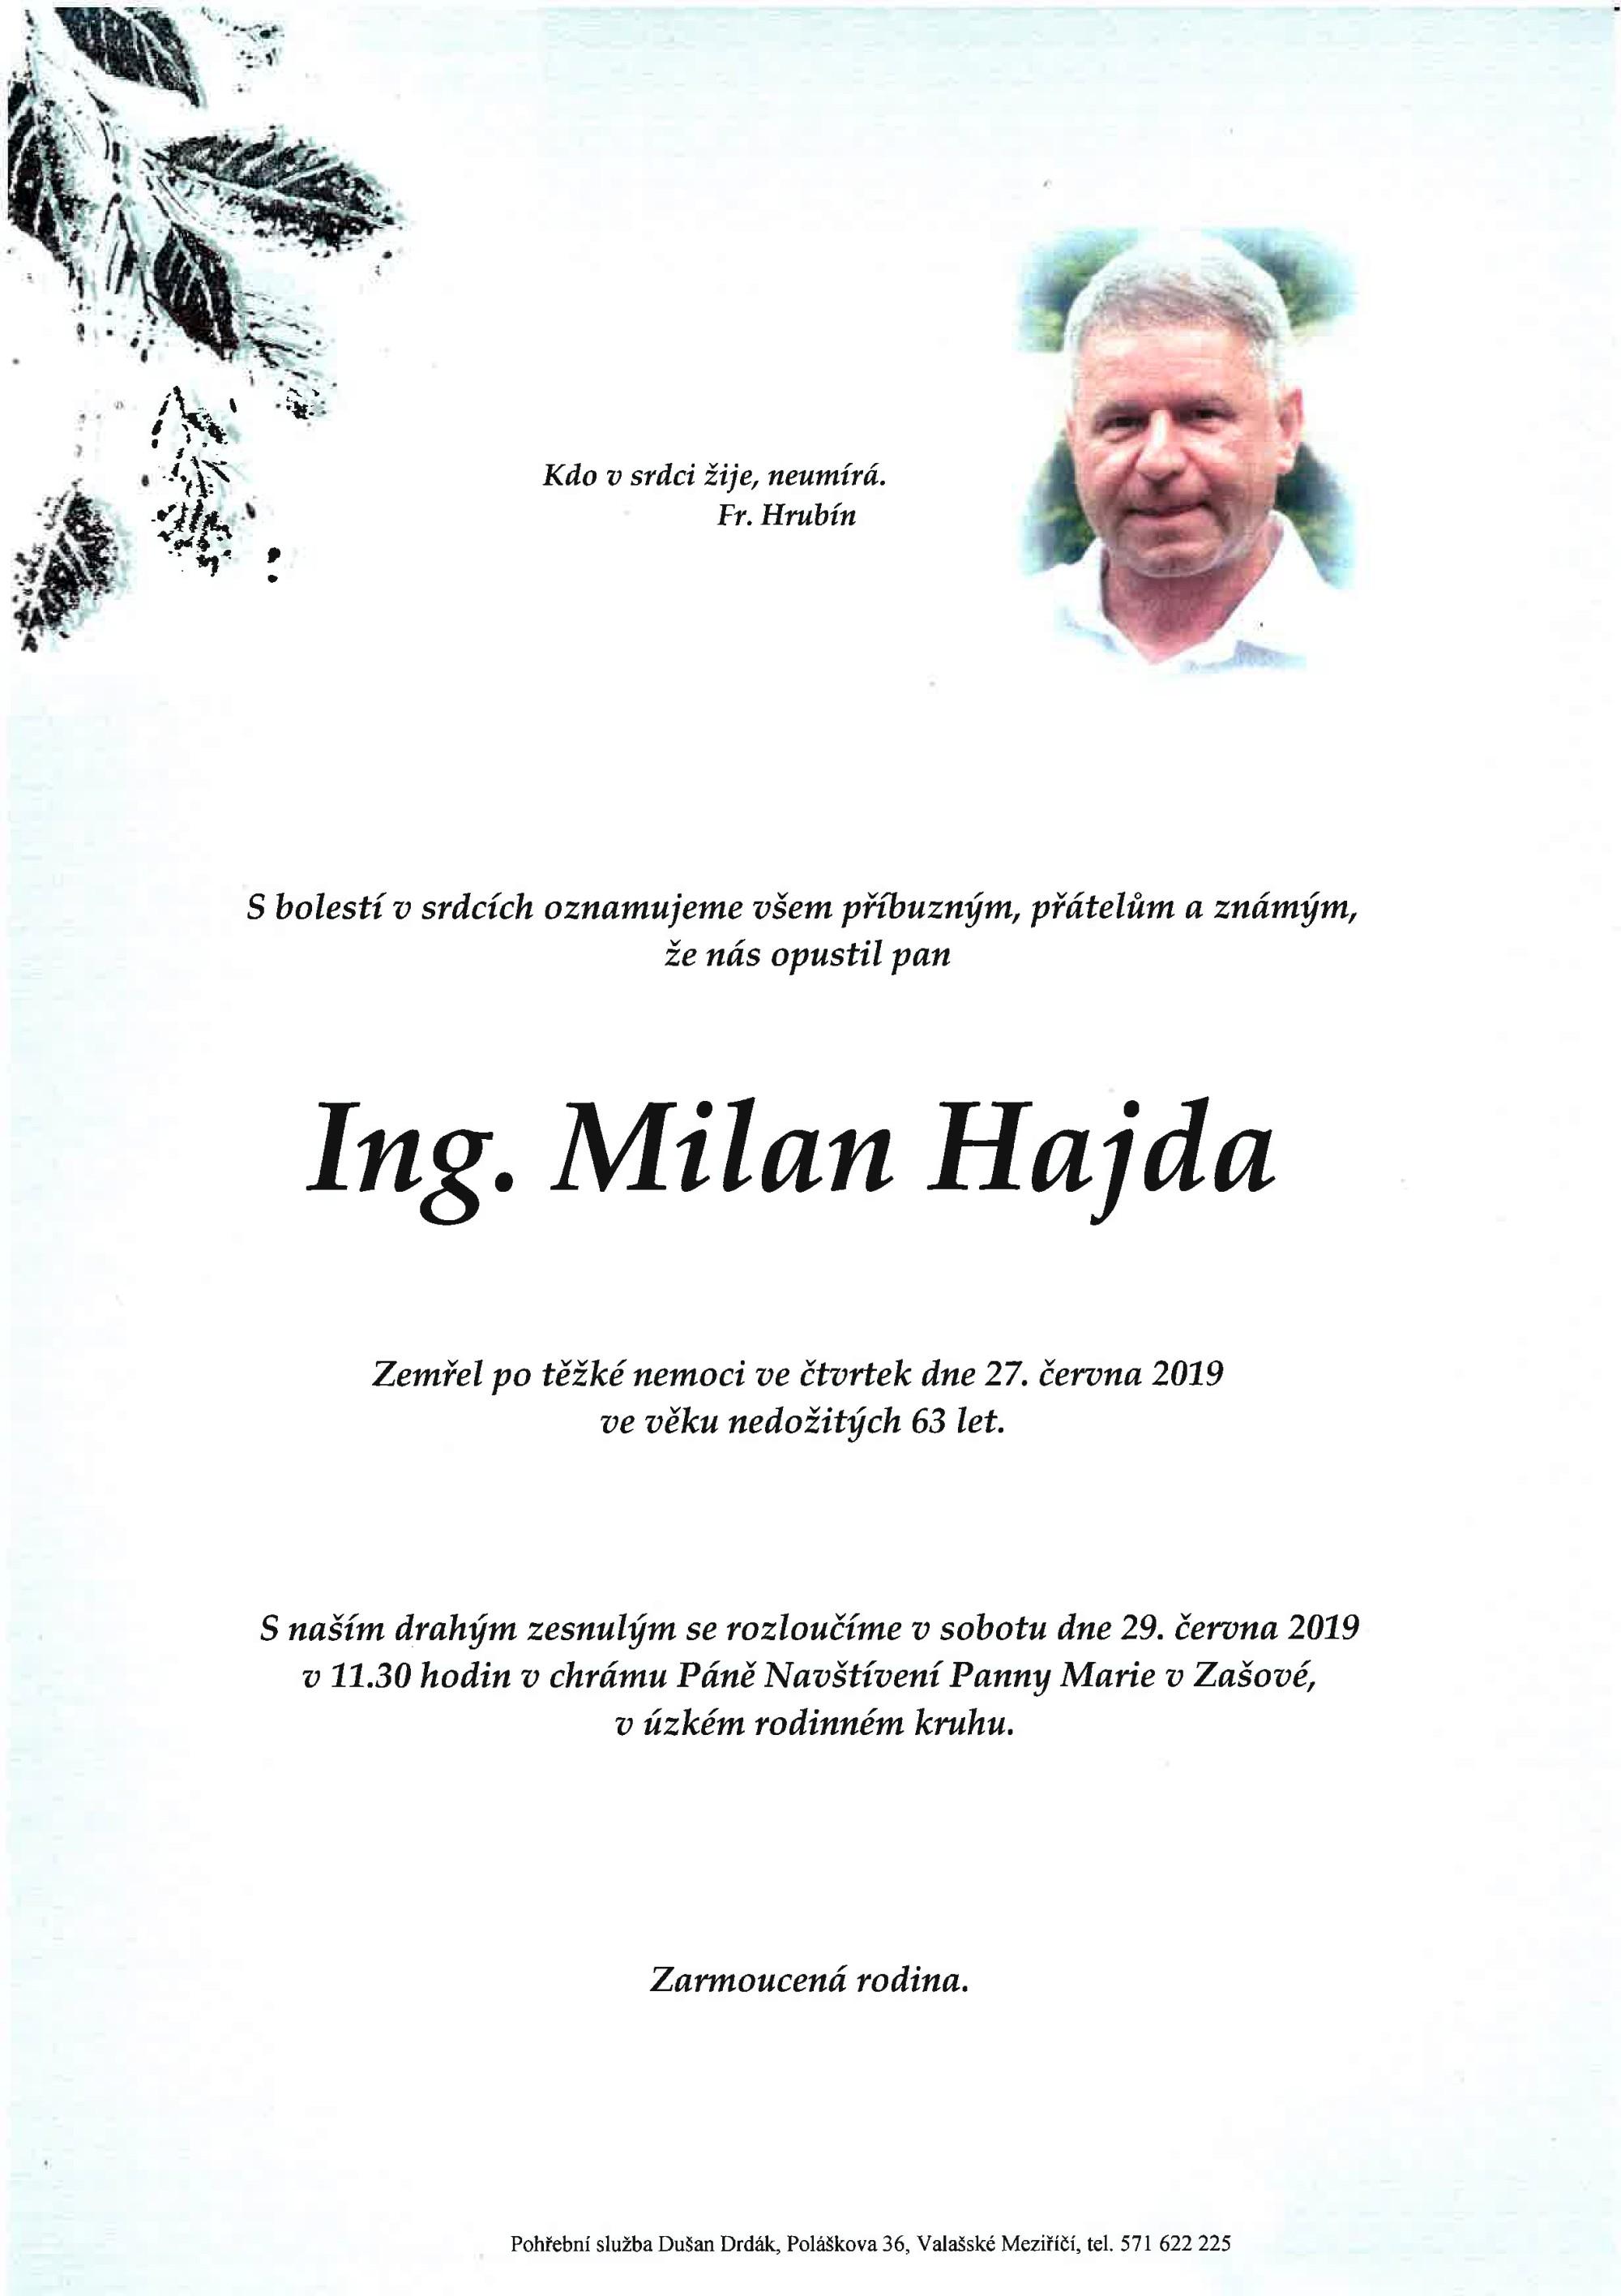 Ing. Milan Hajda